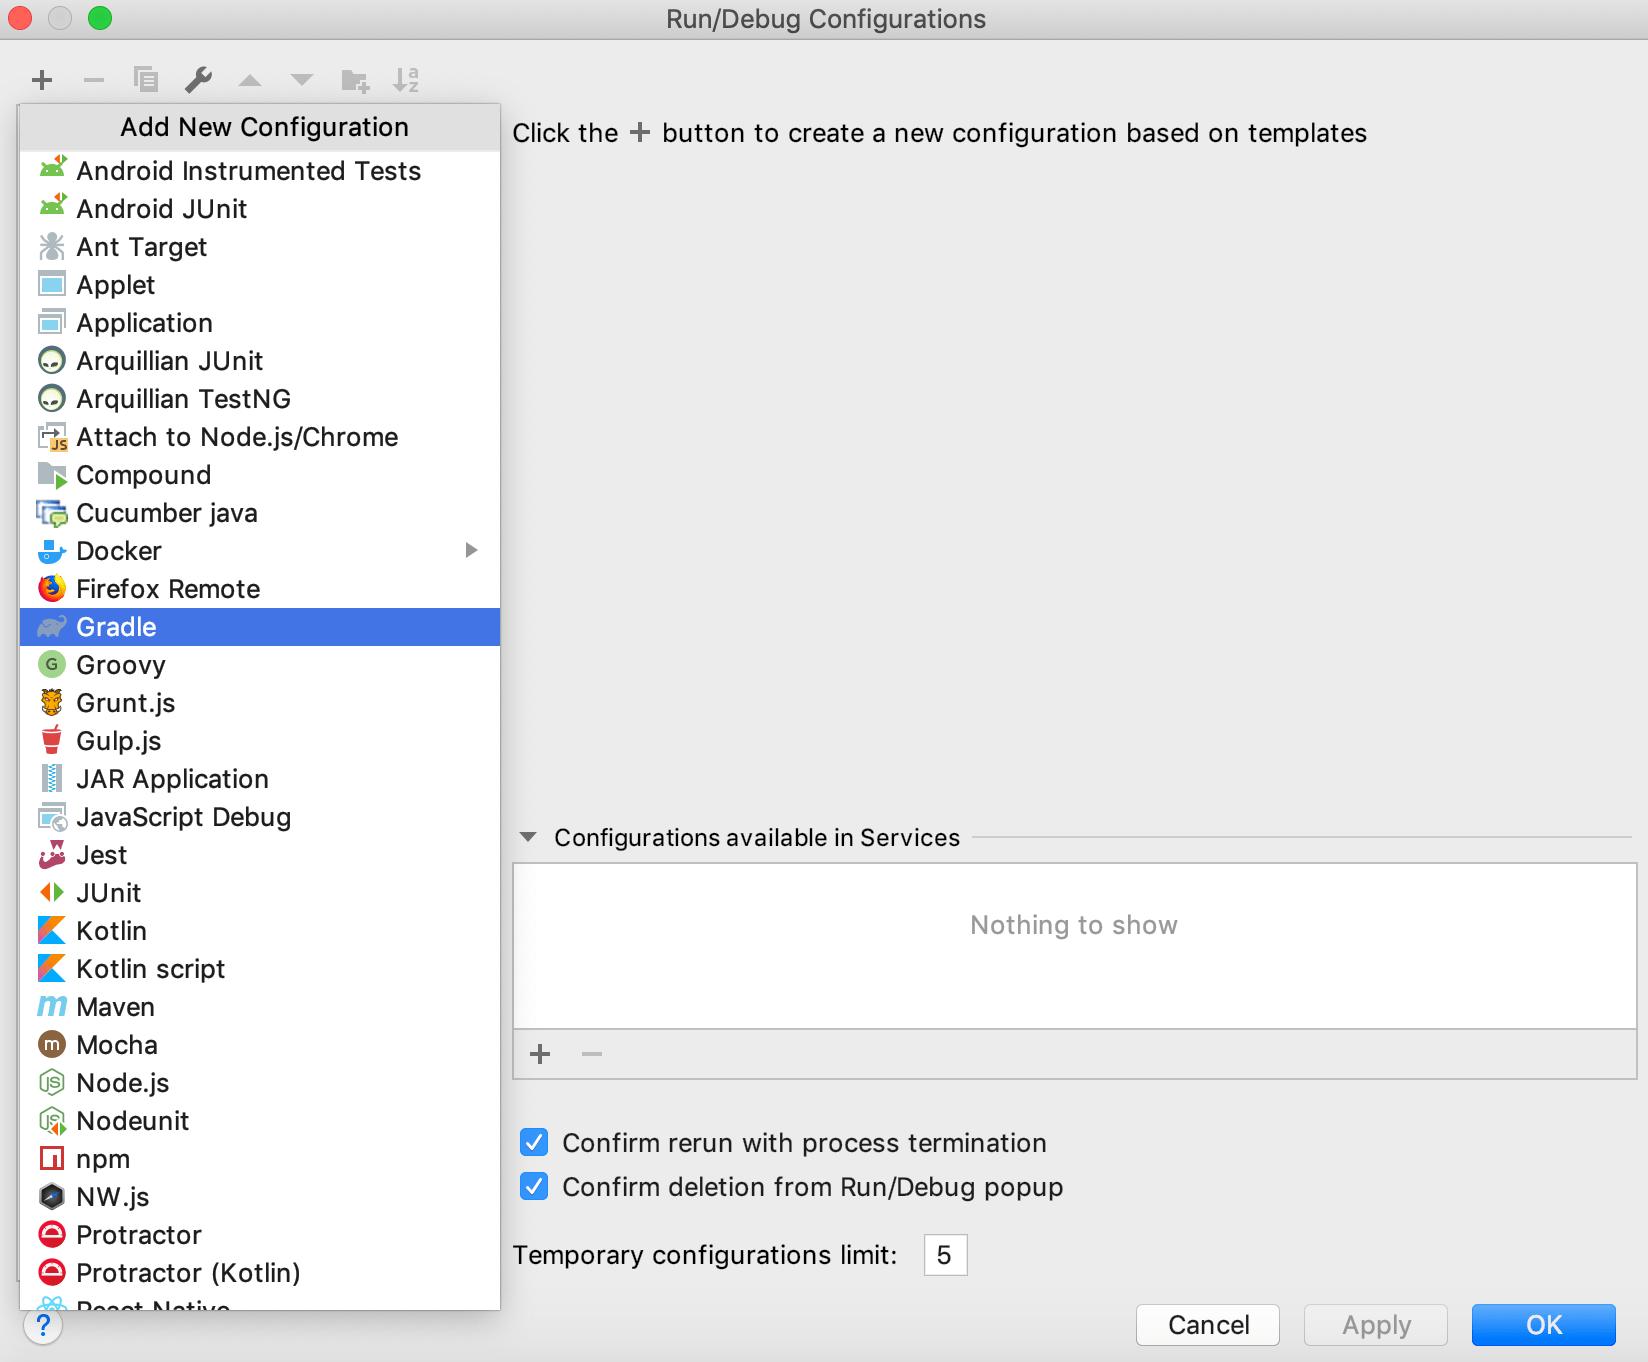 Add new Gradle run/debug configuration